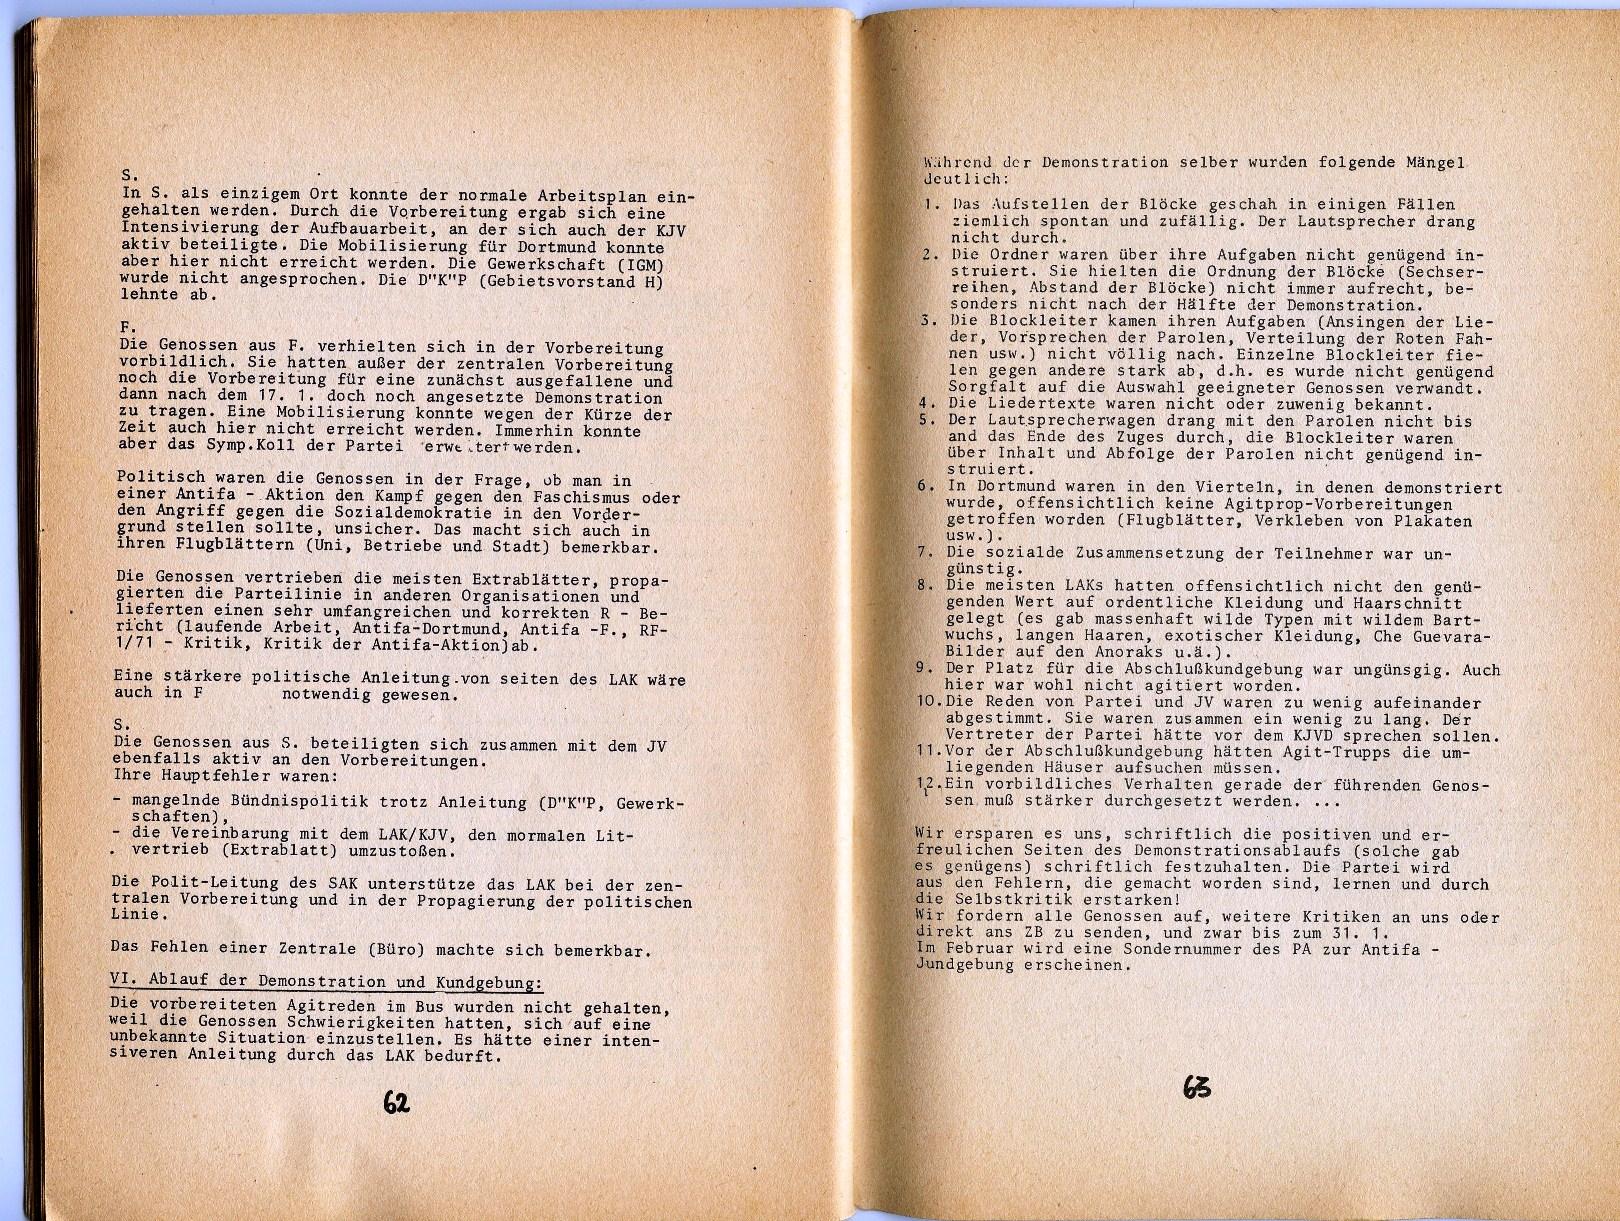 ZB_Parteiarbeiter_1971_Sondernummer_33